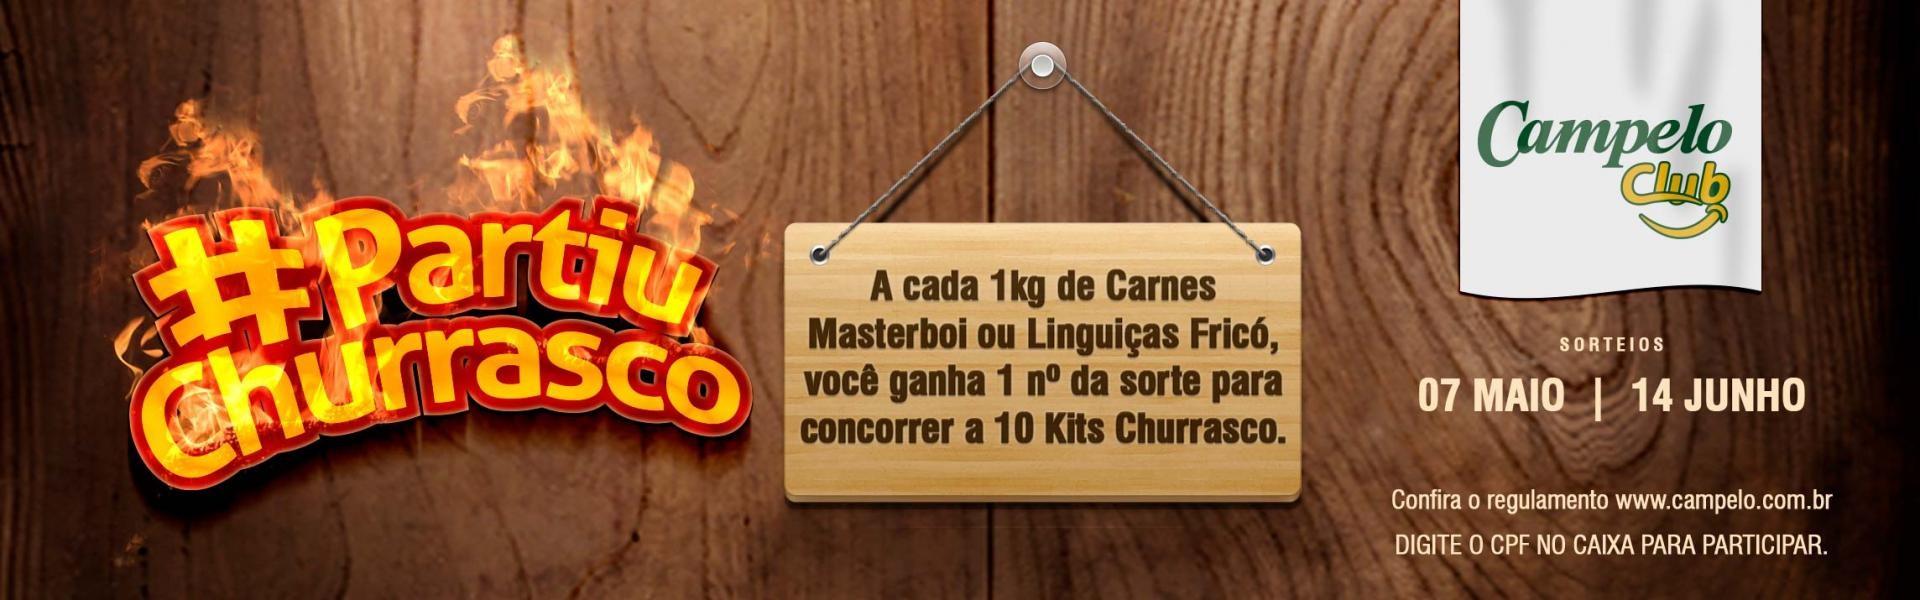 Campelo Club